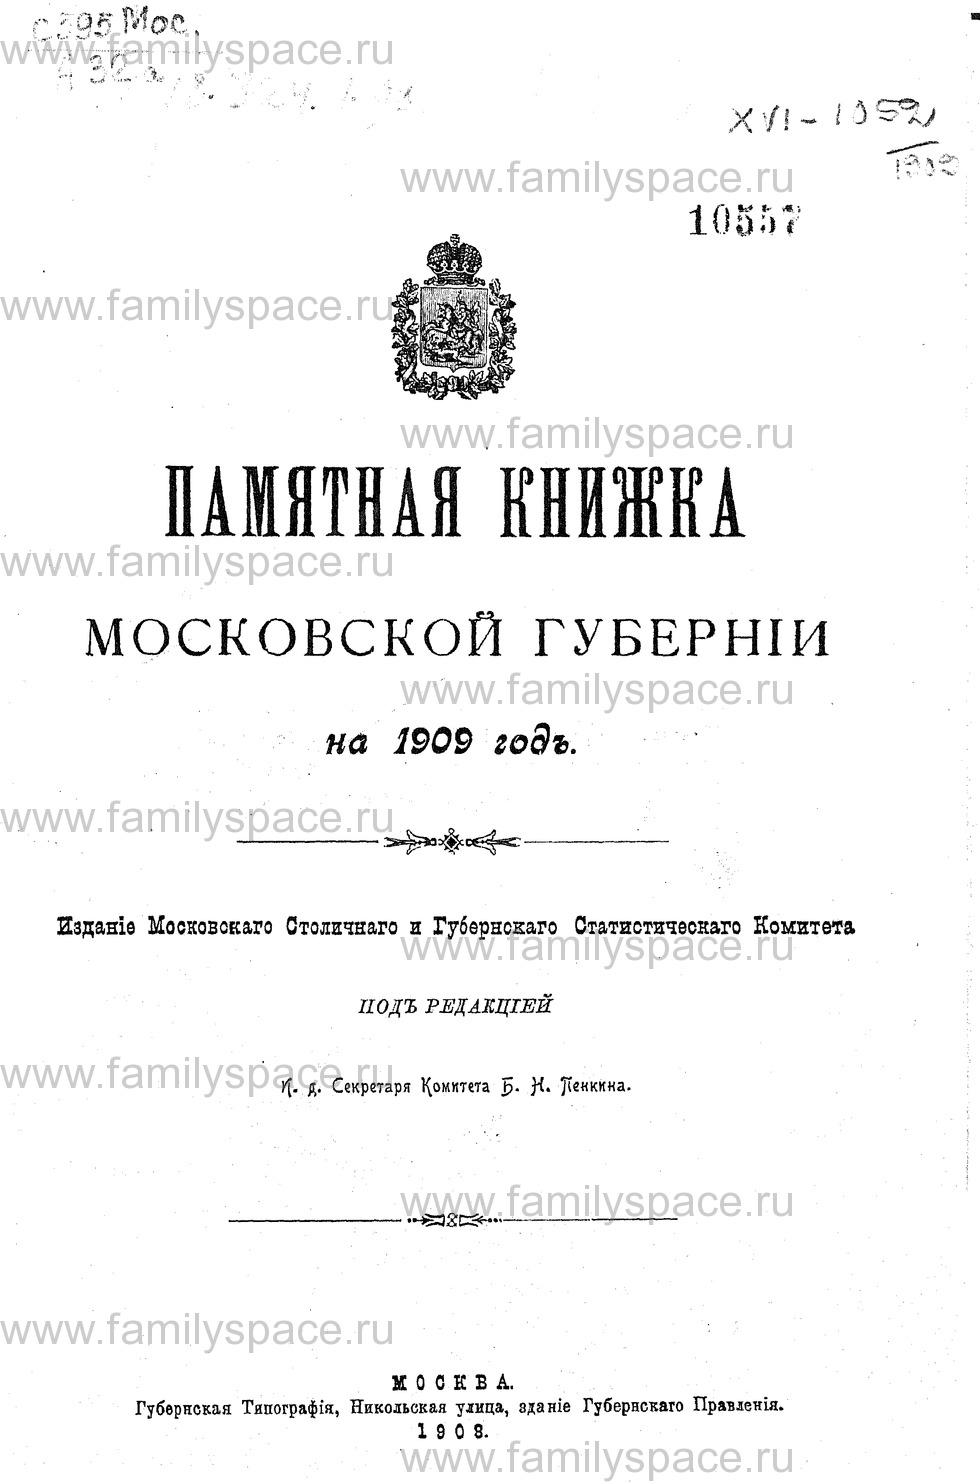 Поиск по фамилии - Памятная книжка Московской губернии на 1909 г, страница 1